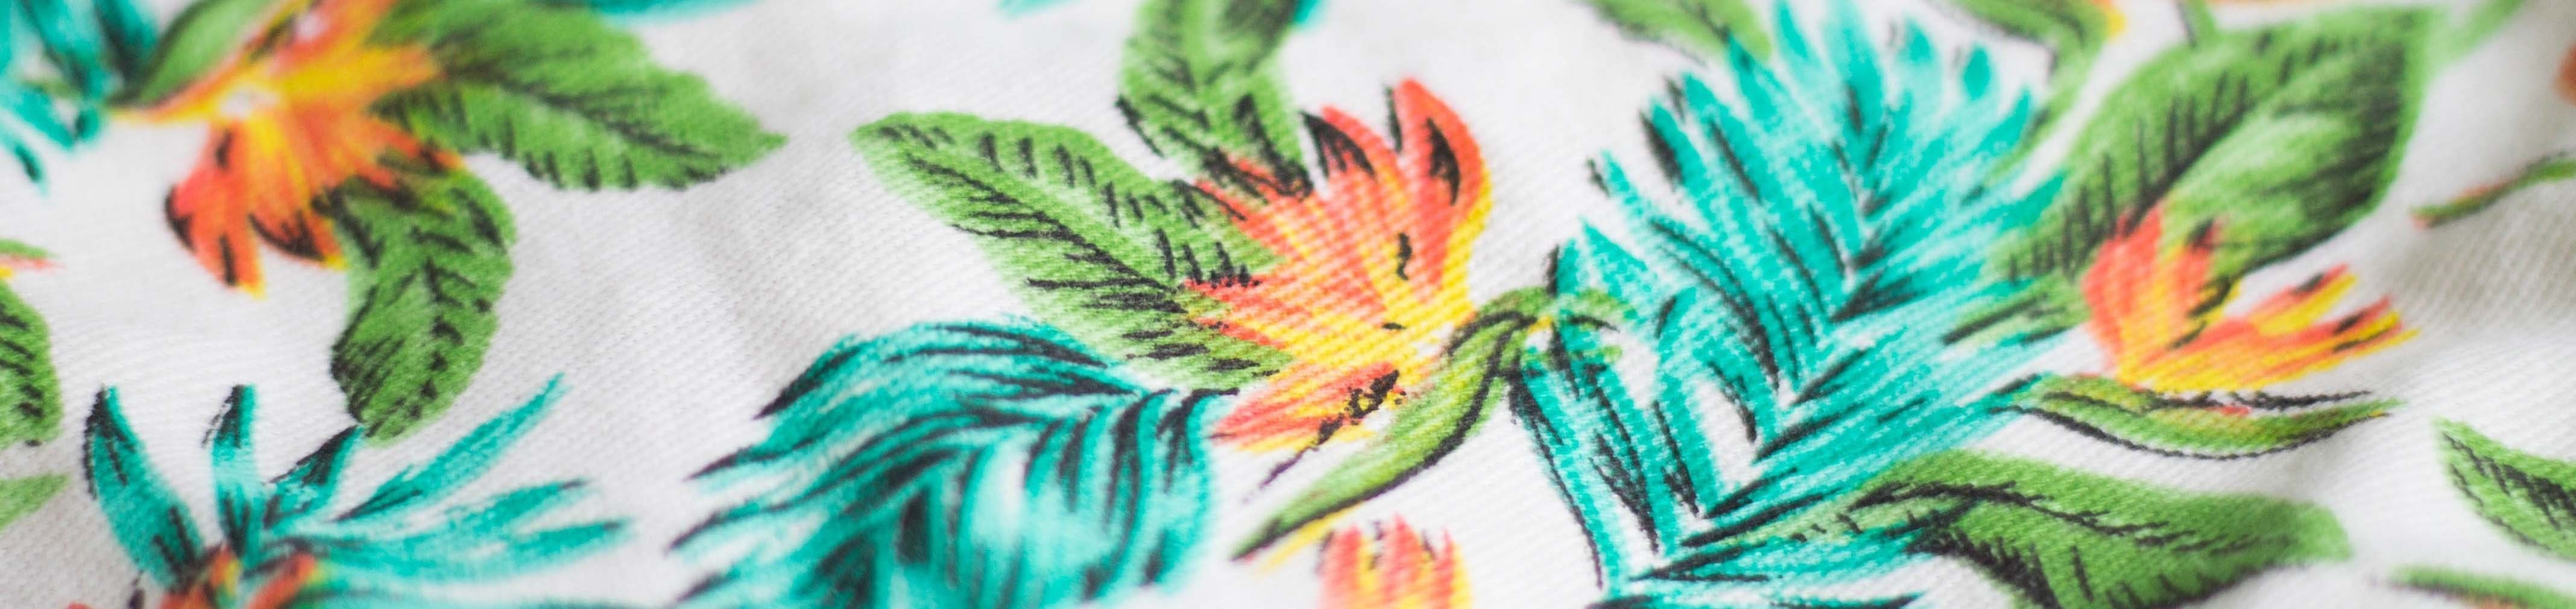 Culori textile & piele